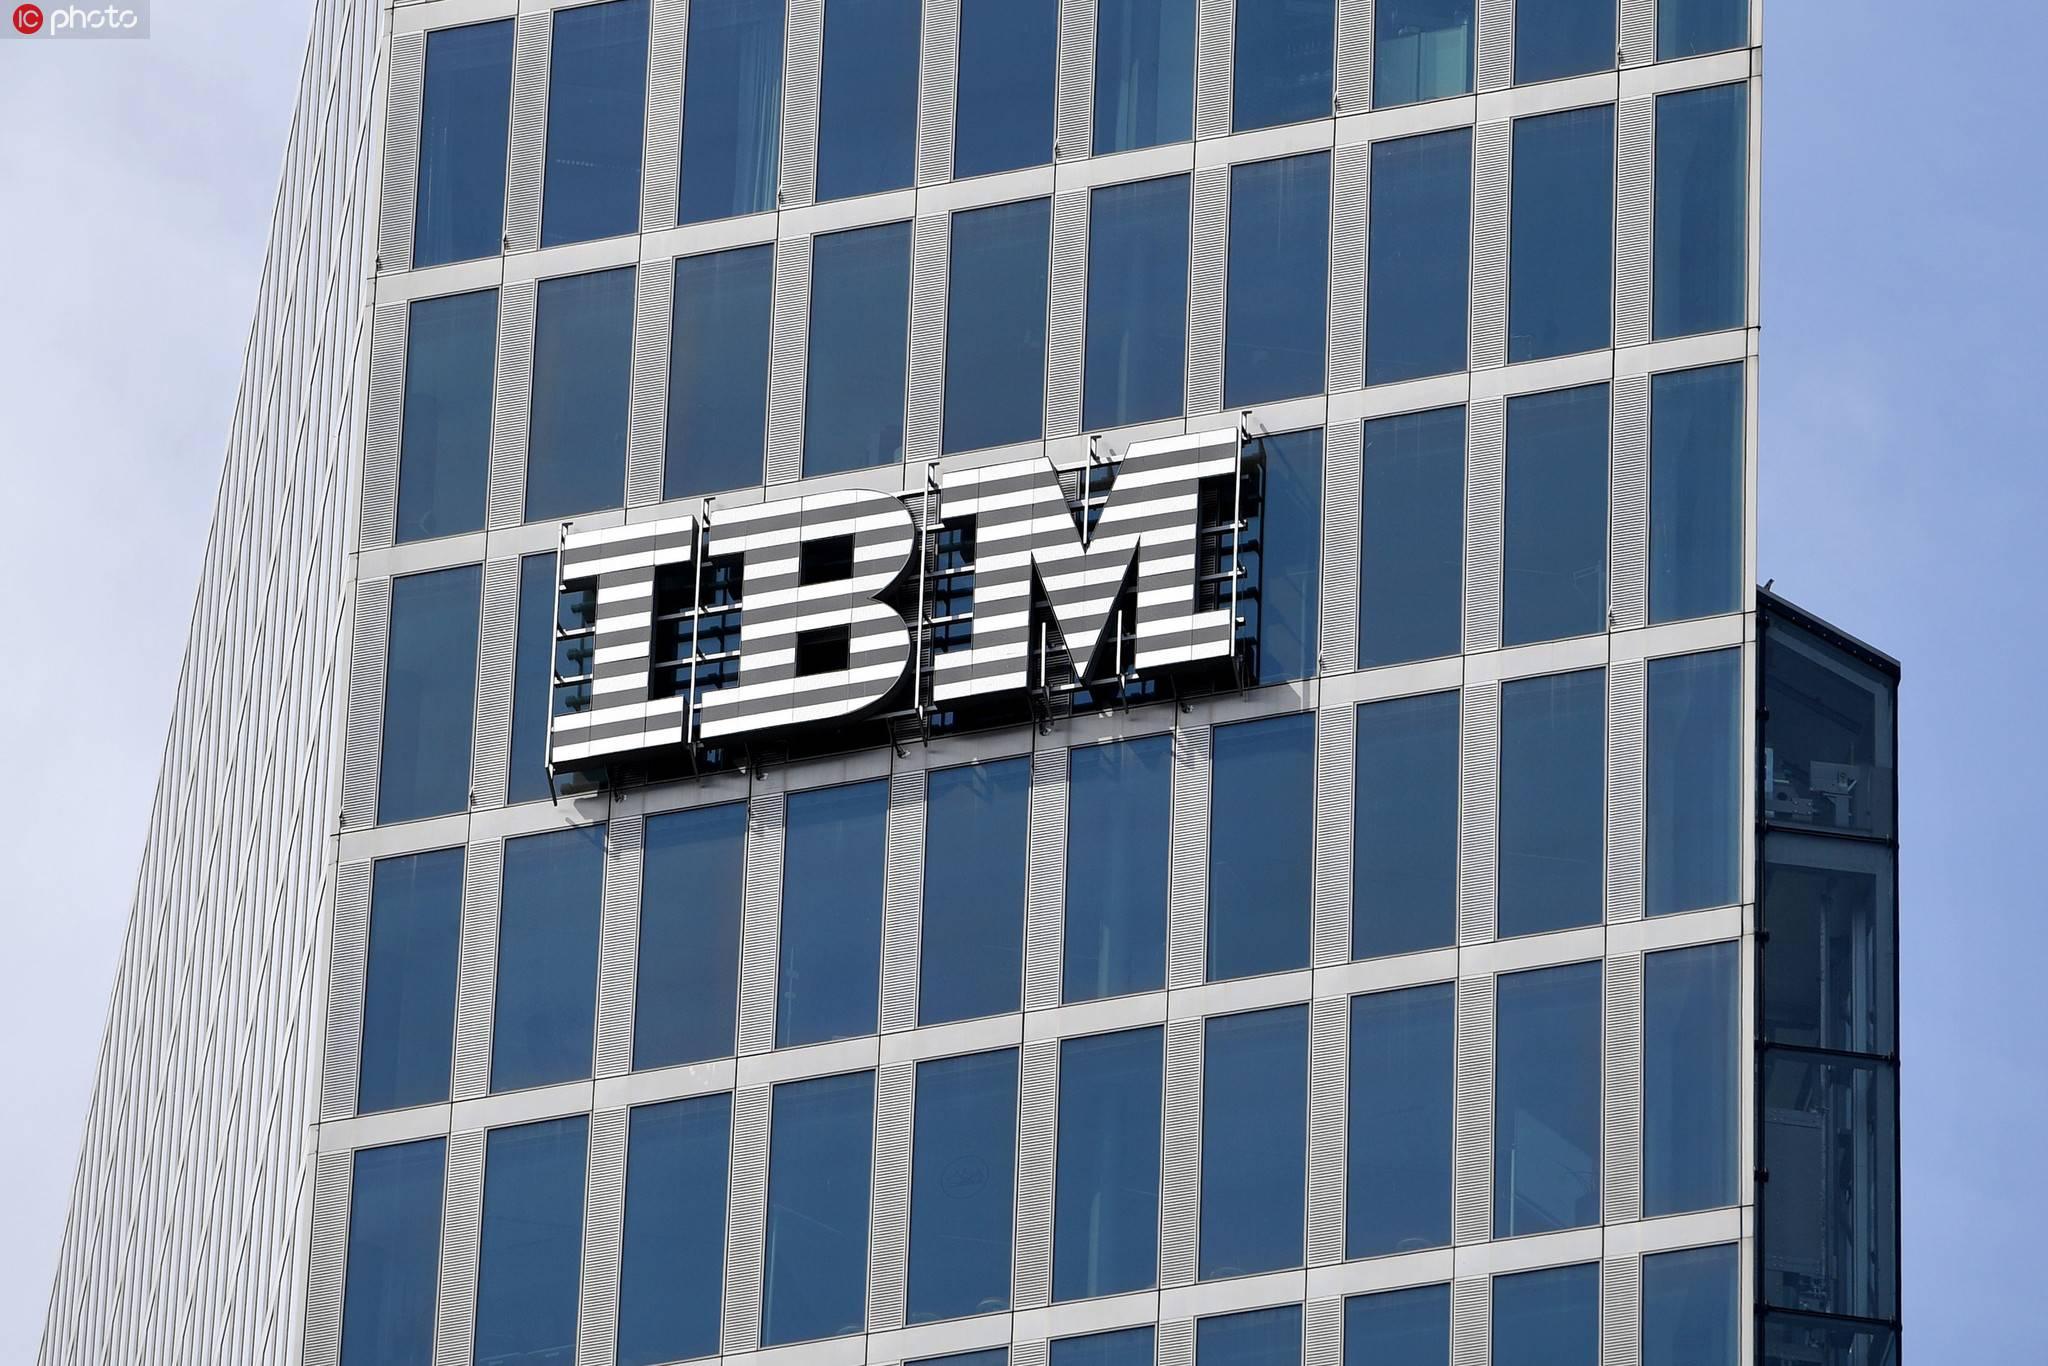 电信巨头AT&T与IBM数十亿美元订单背后,它们都在押注什么?